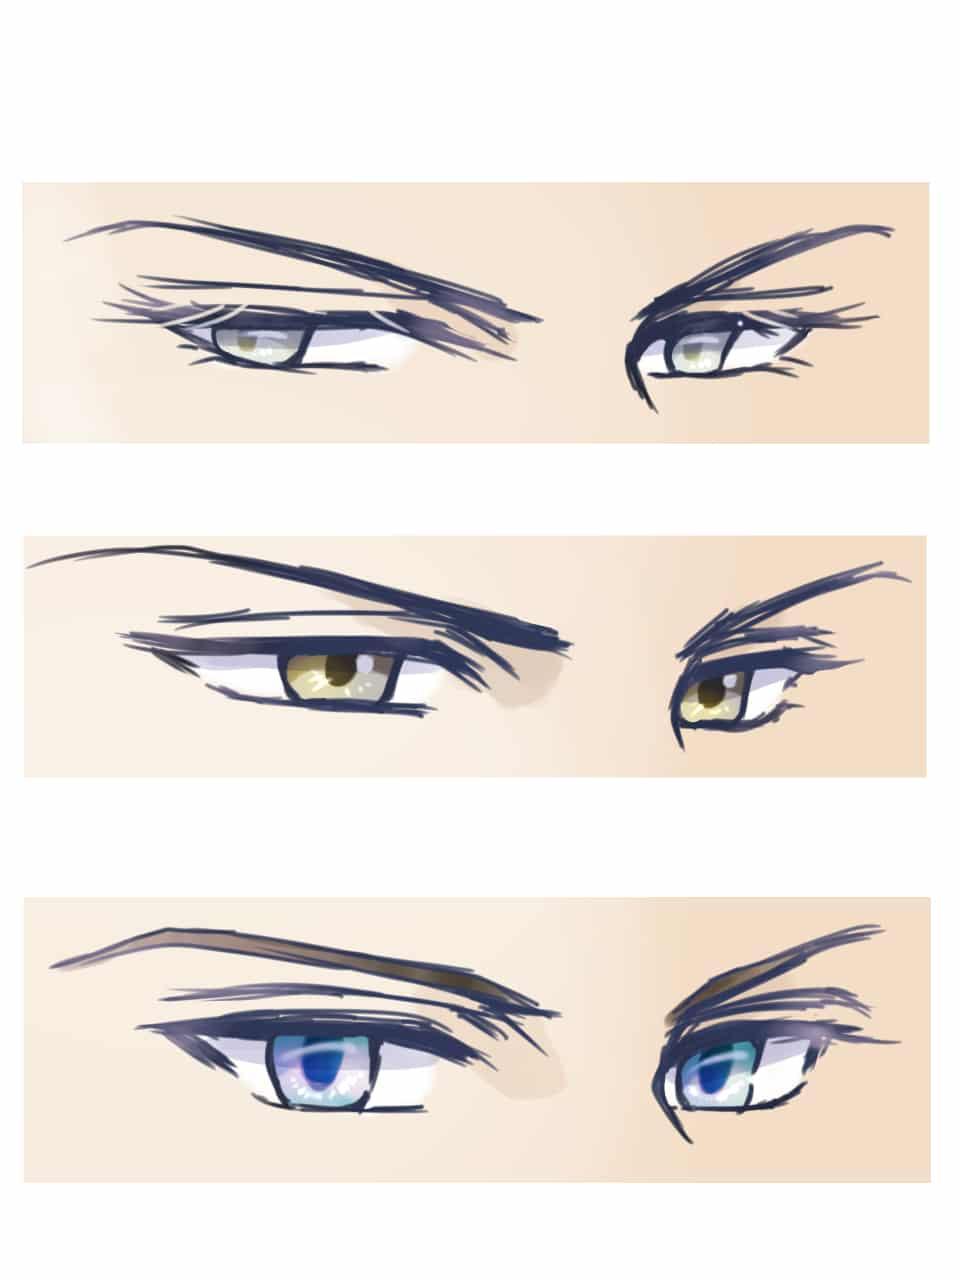 Eye Study Illust of クロモノ anime illustration eyes sketch